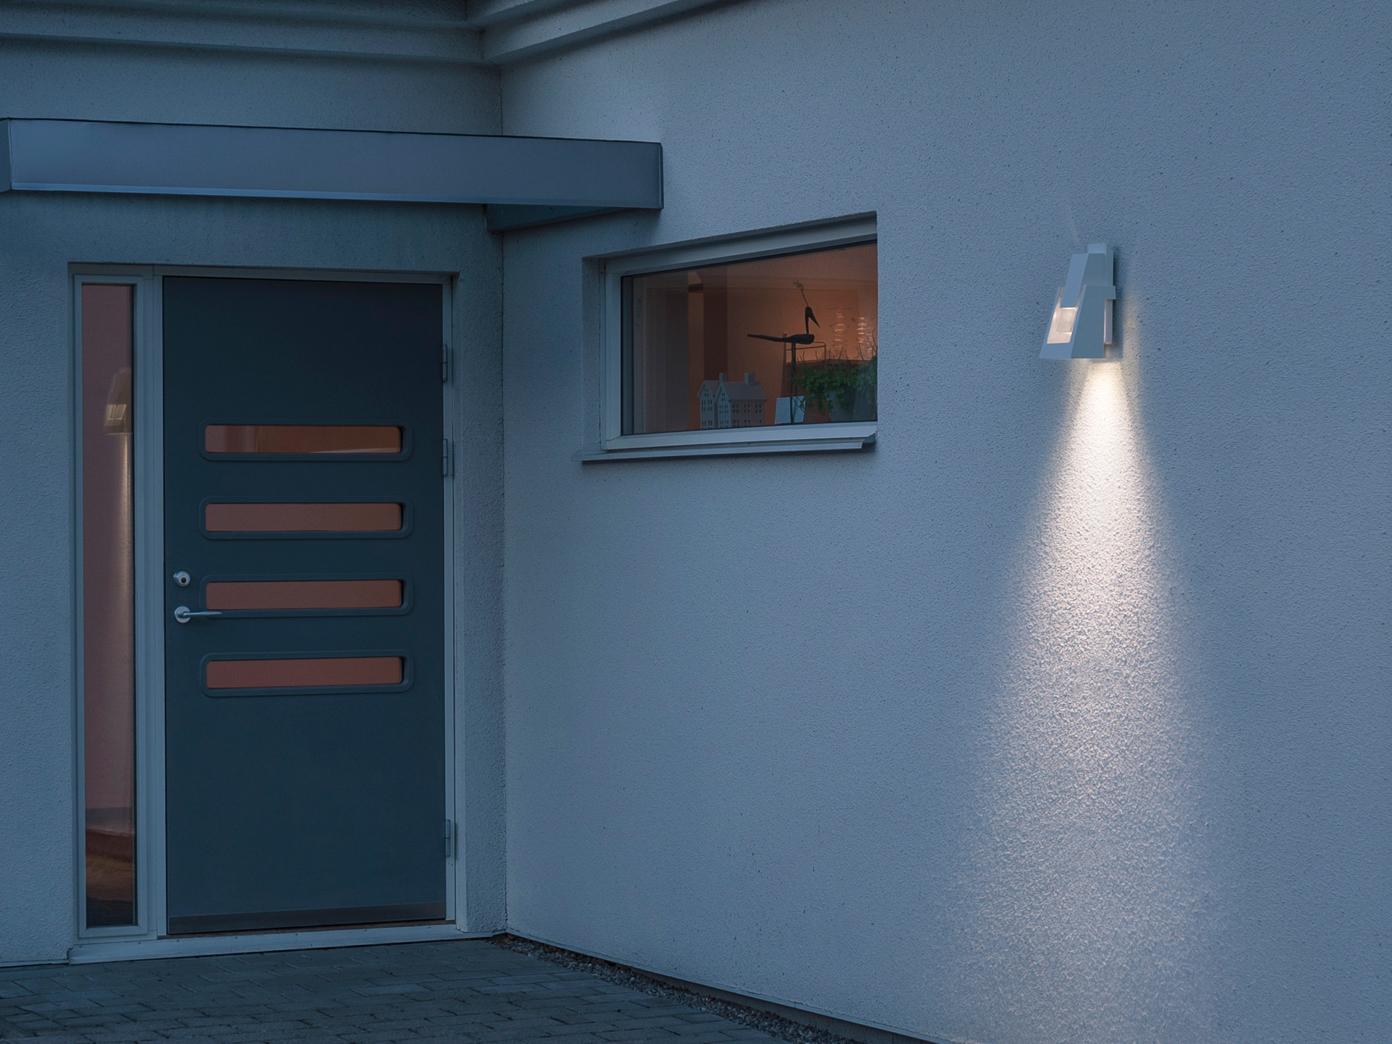 2er-Set dimmbare dimmbare dimmbare Außenwandleuchten POTENZA, 350Lm, austauschbares LED Modul   Erlesene Materialien    Sofortige Lieferung    Gewinnen Sie hoch geschätzt  f2e181